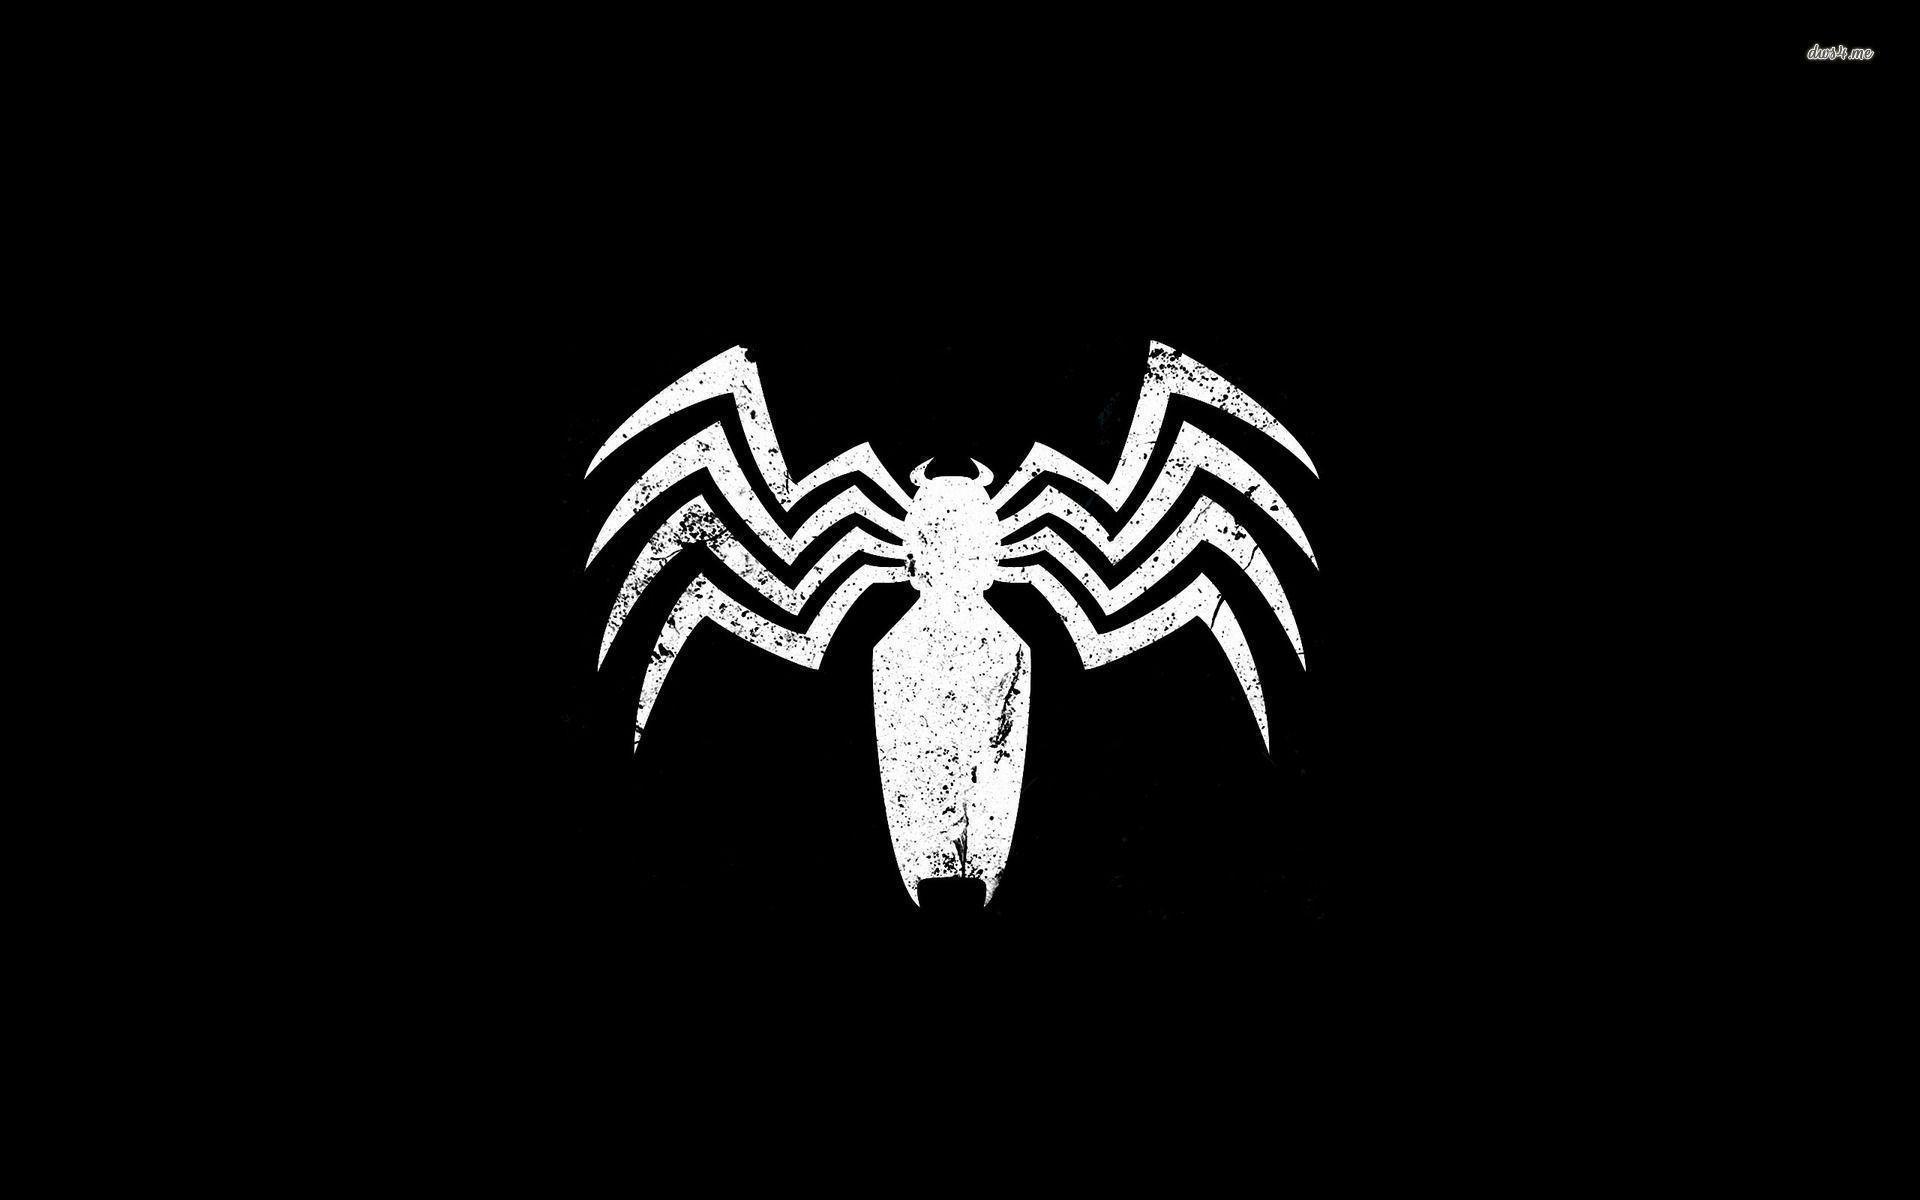 Download 56+ Wallpaper Hitam Spiderman HD Terbaik